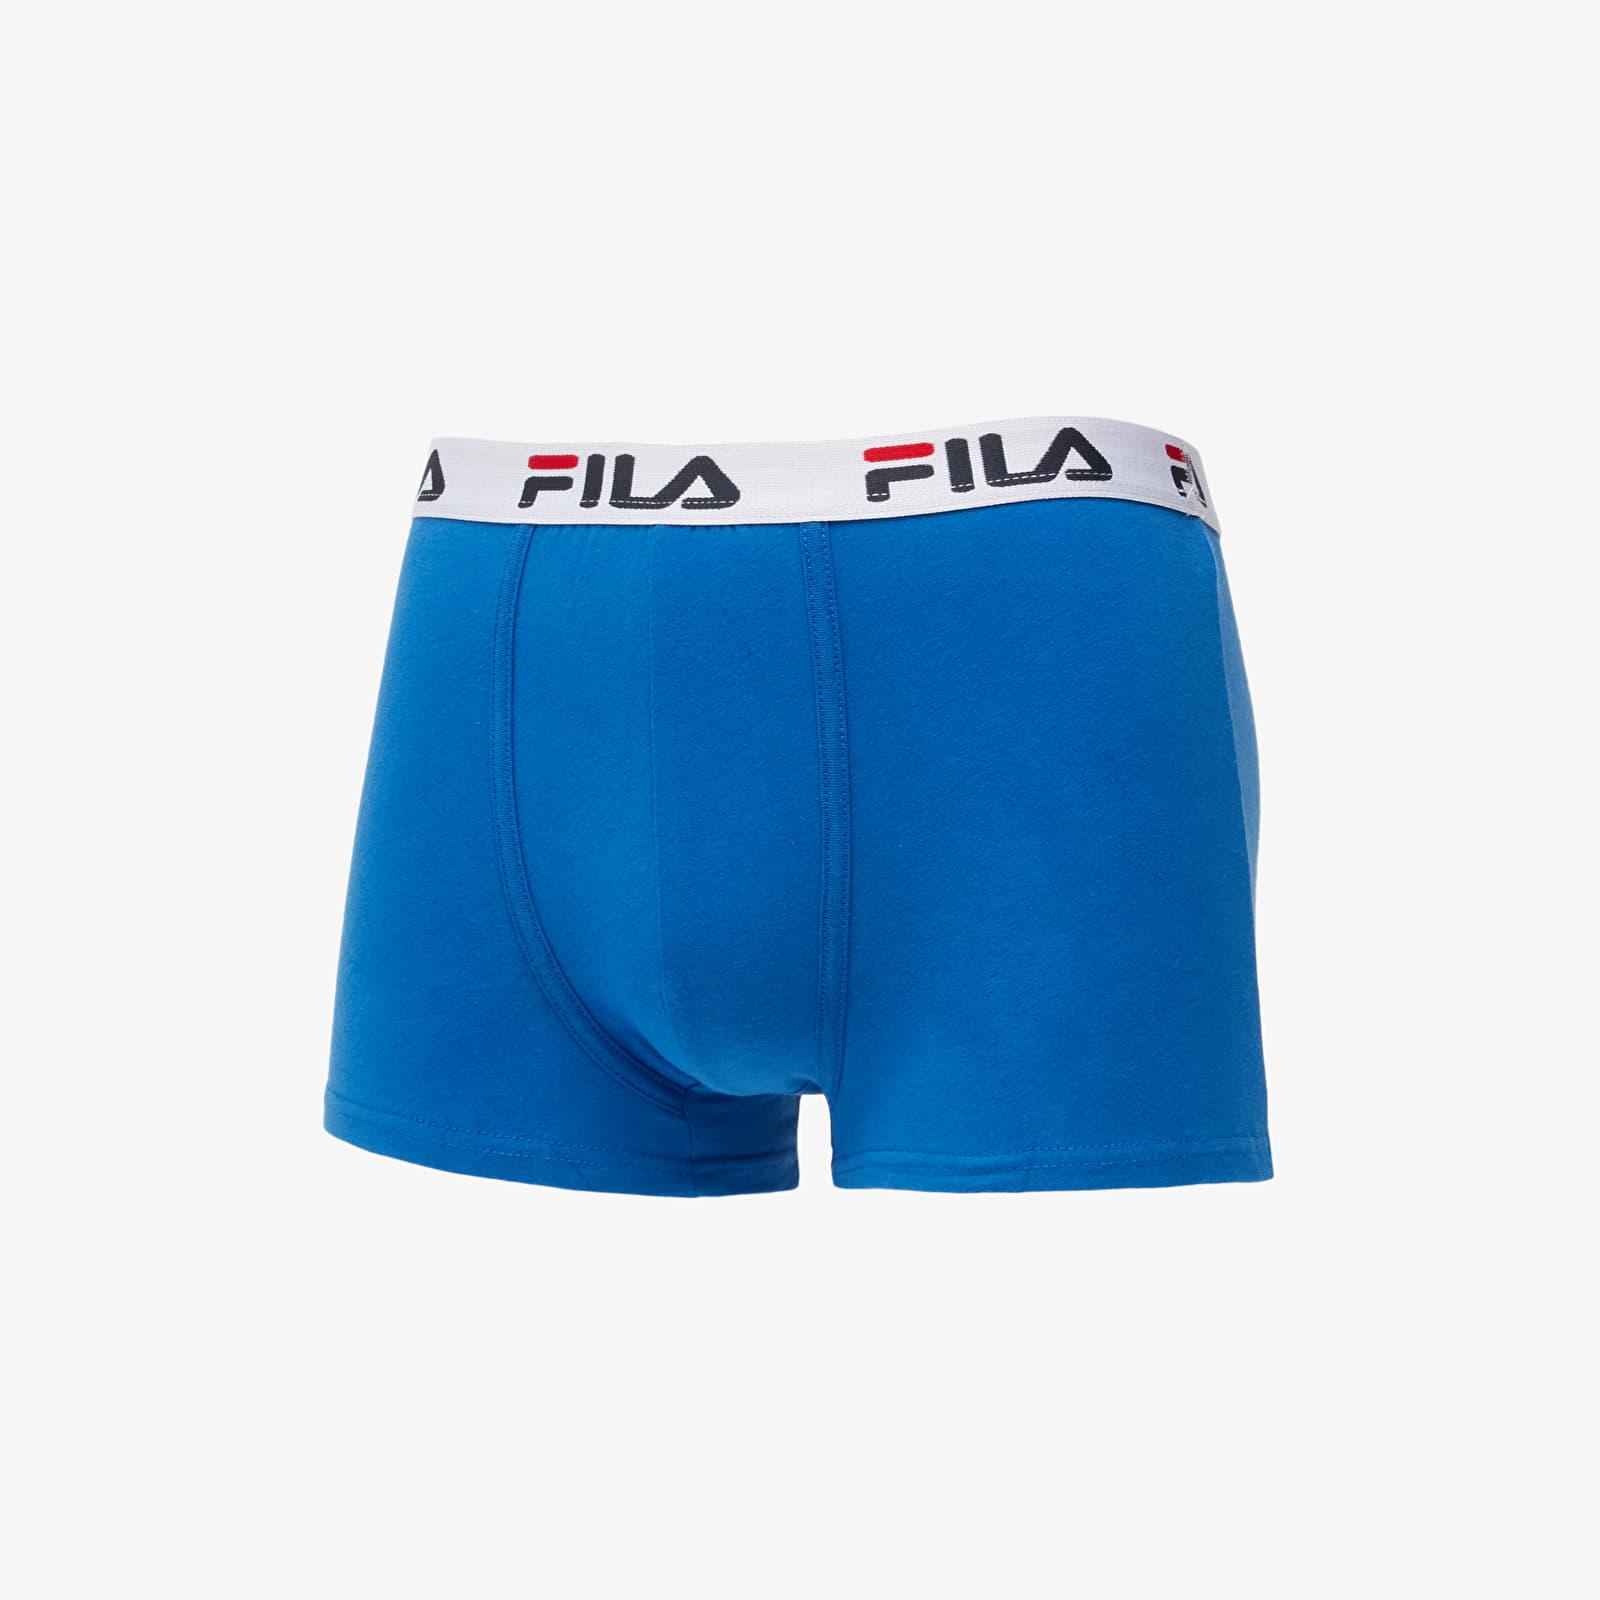 Sous-vêtements pour hommes FILA Boxers Ocean